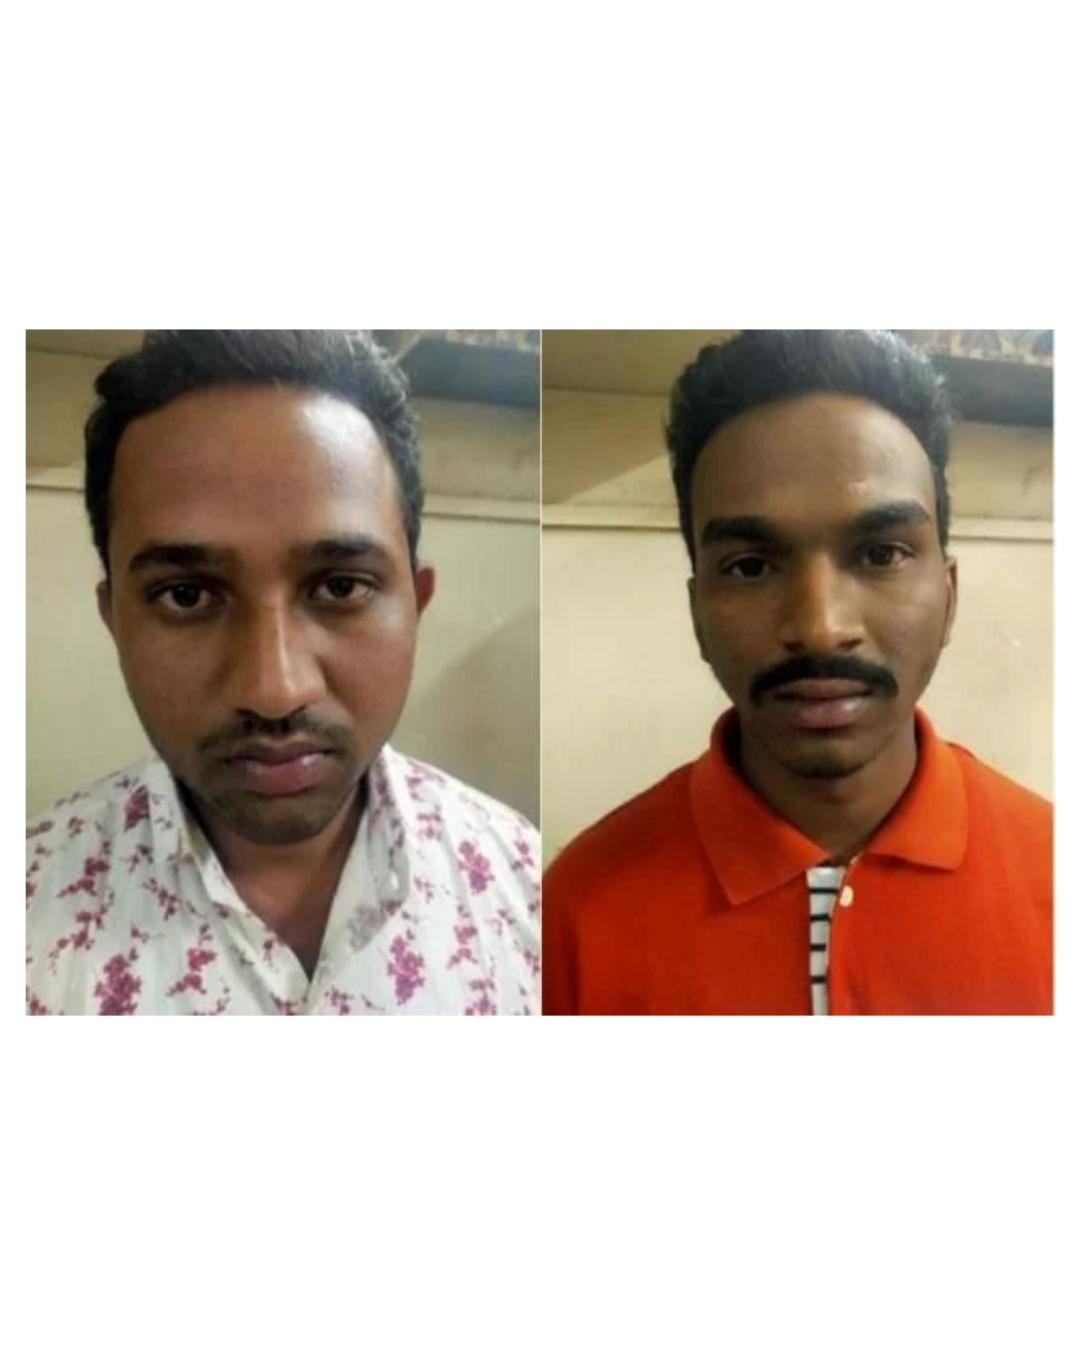 पिंपरी चिंचवडमध्ये रक्षकच झाले भक्षक, 2 जवानांनी केलं अट्टल चोरांनाही लाजवेल असं केलं